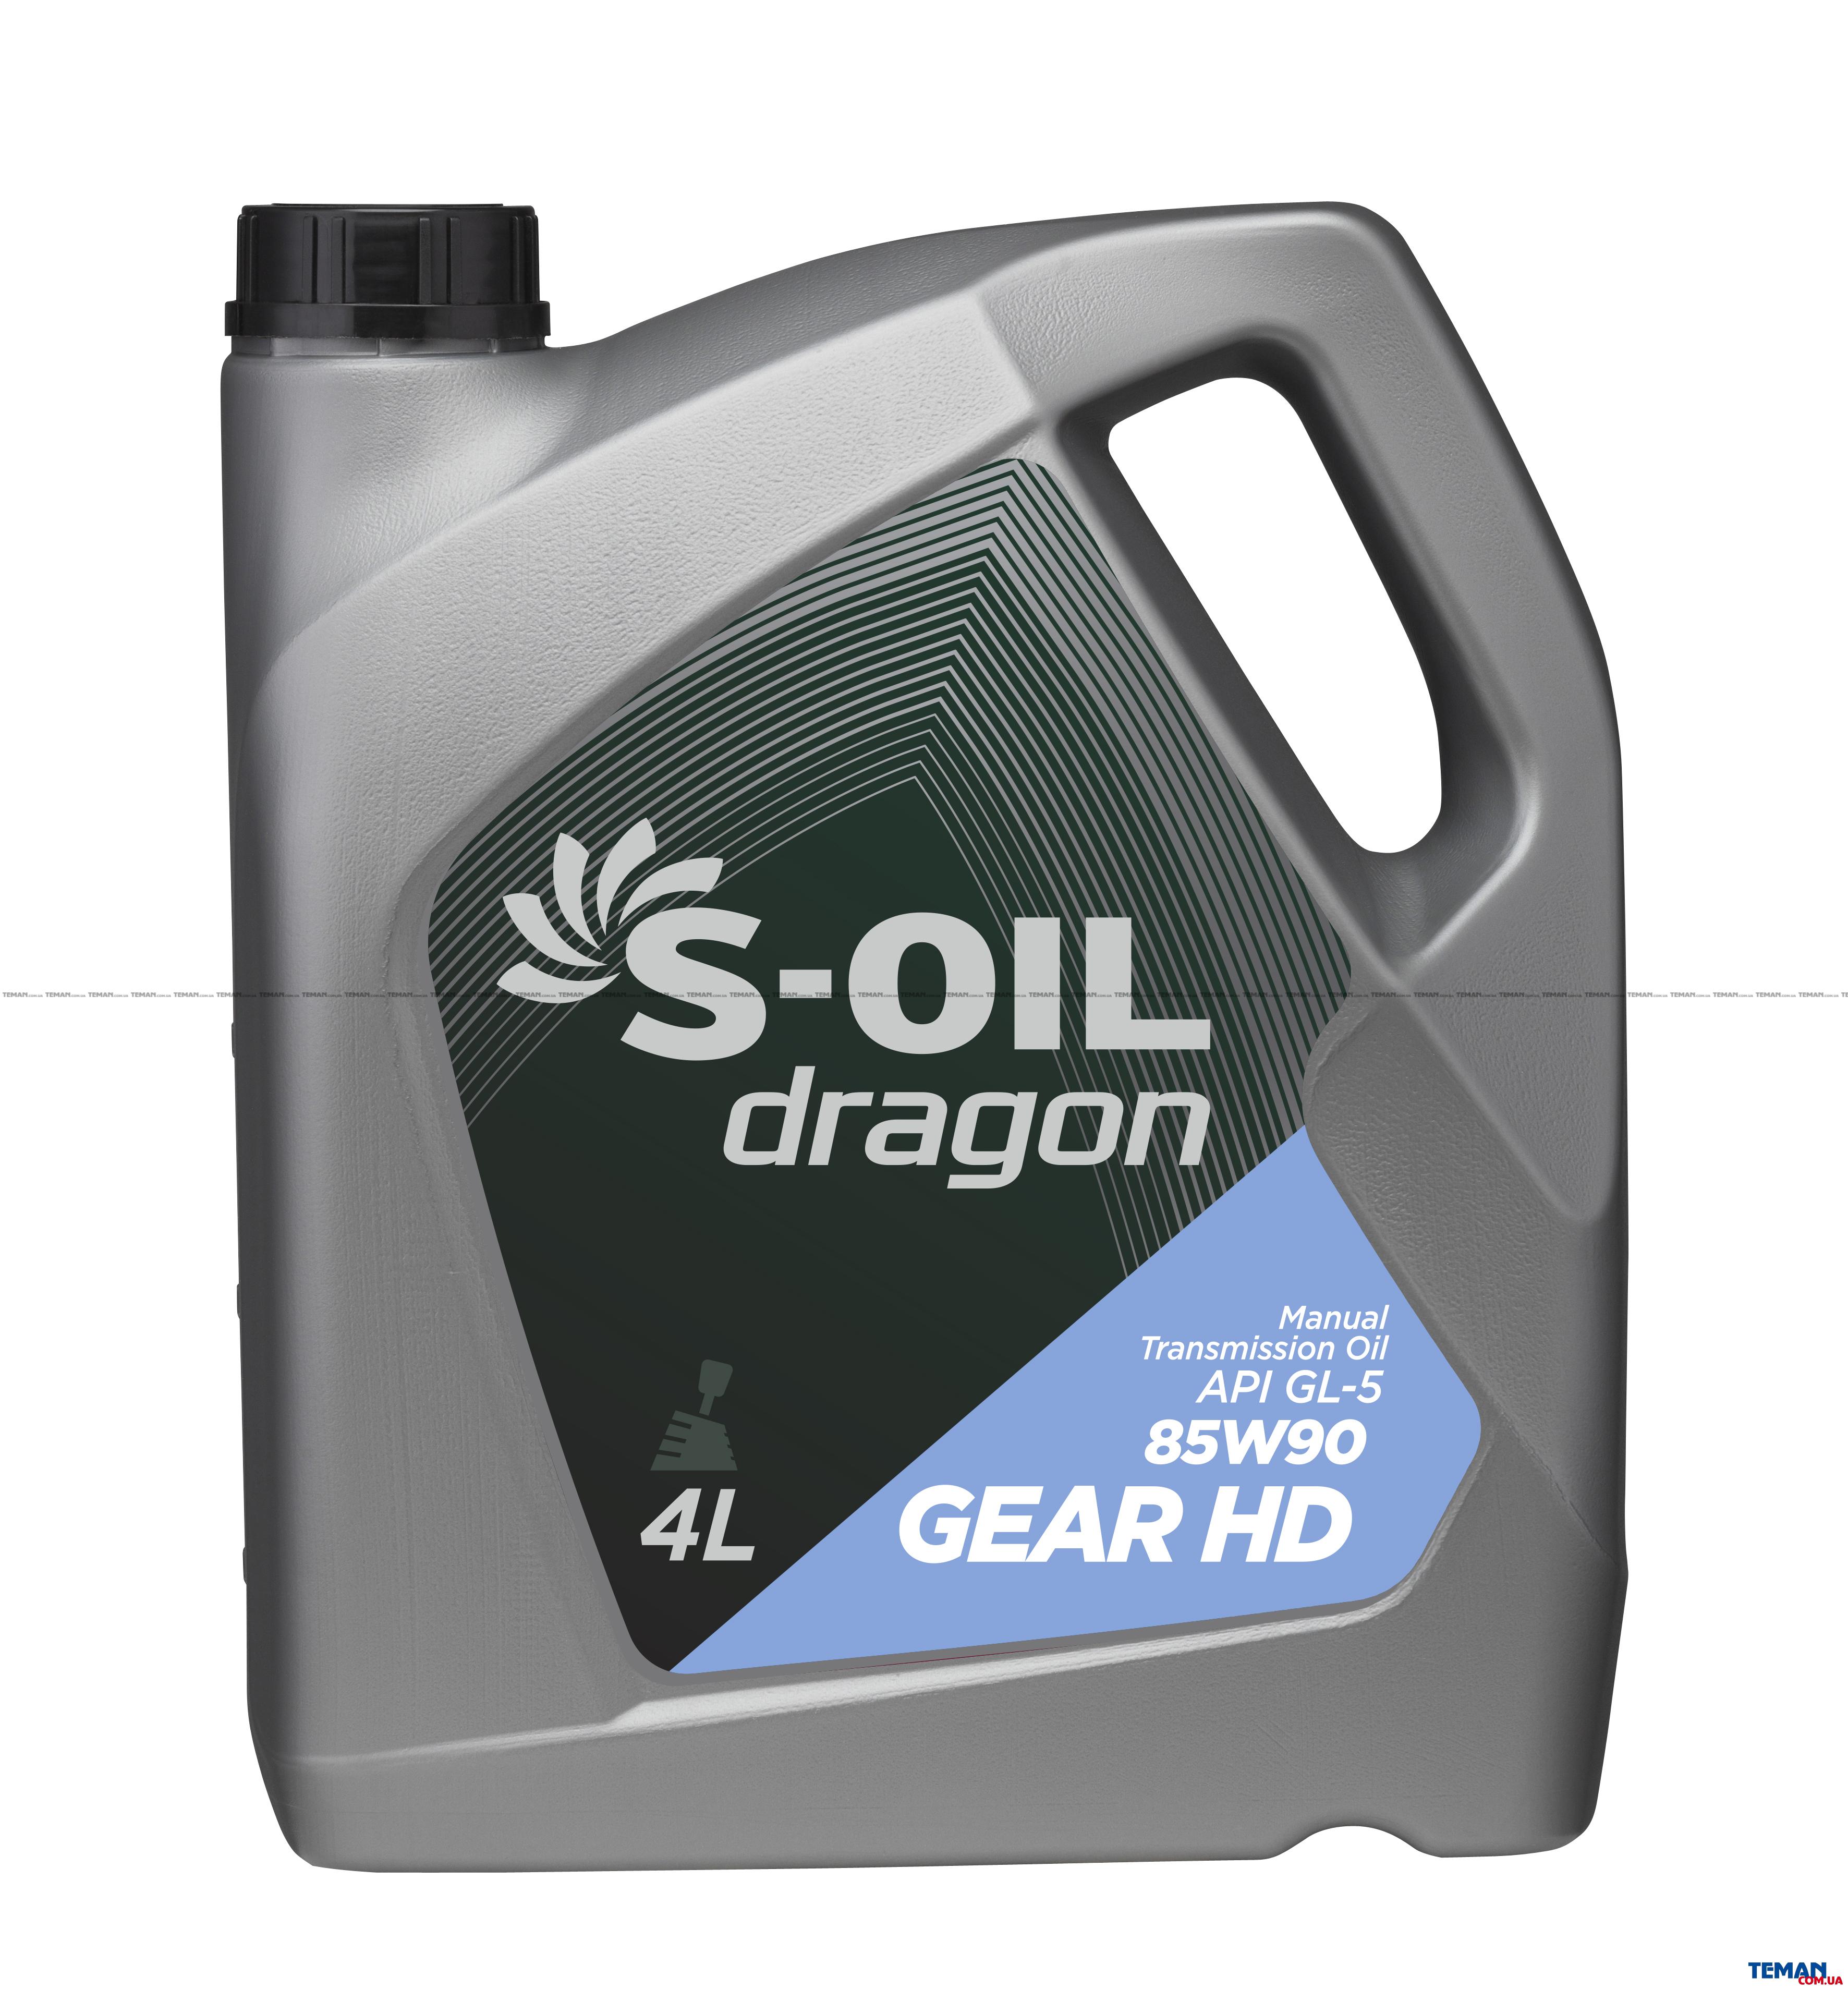 S-OIL DRAGON GEAR HD 85W90 4л трансмиссионное